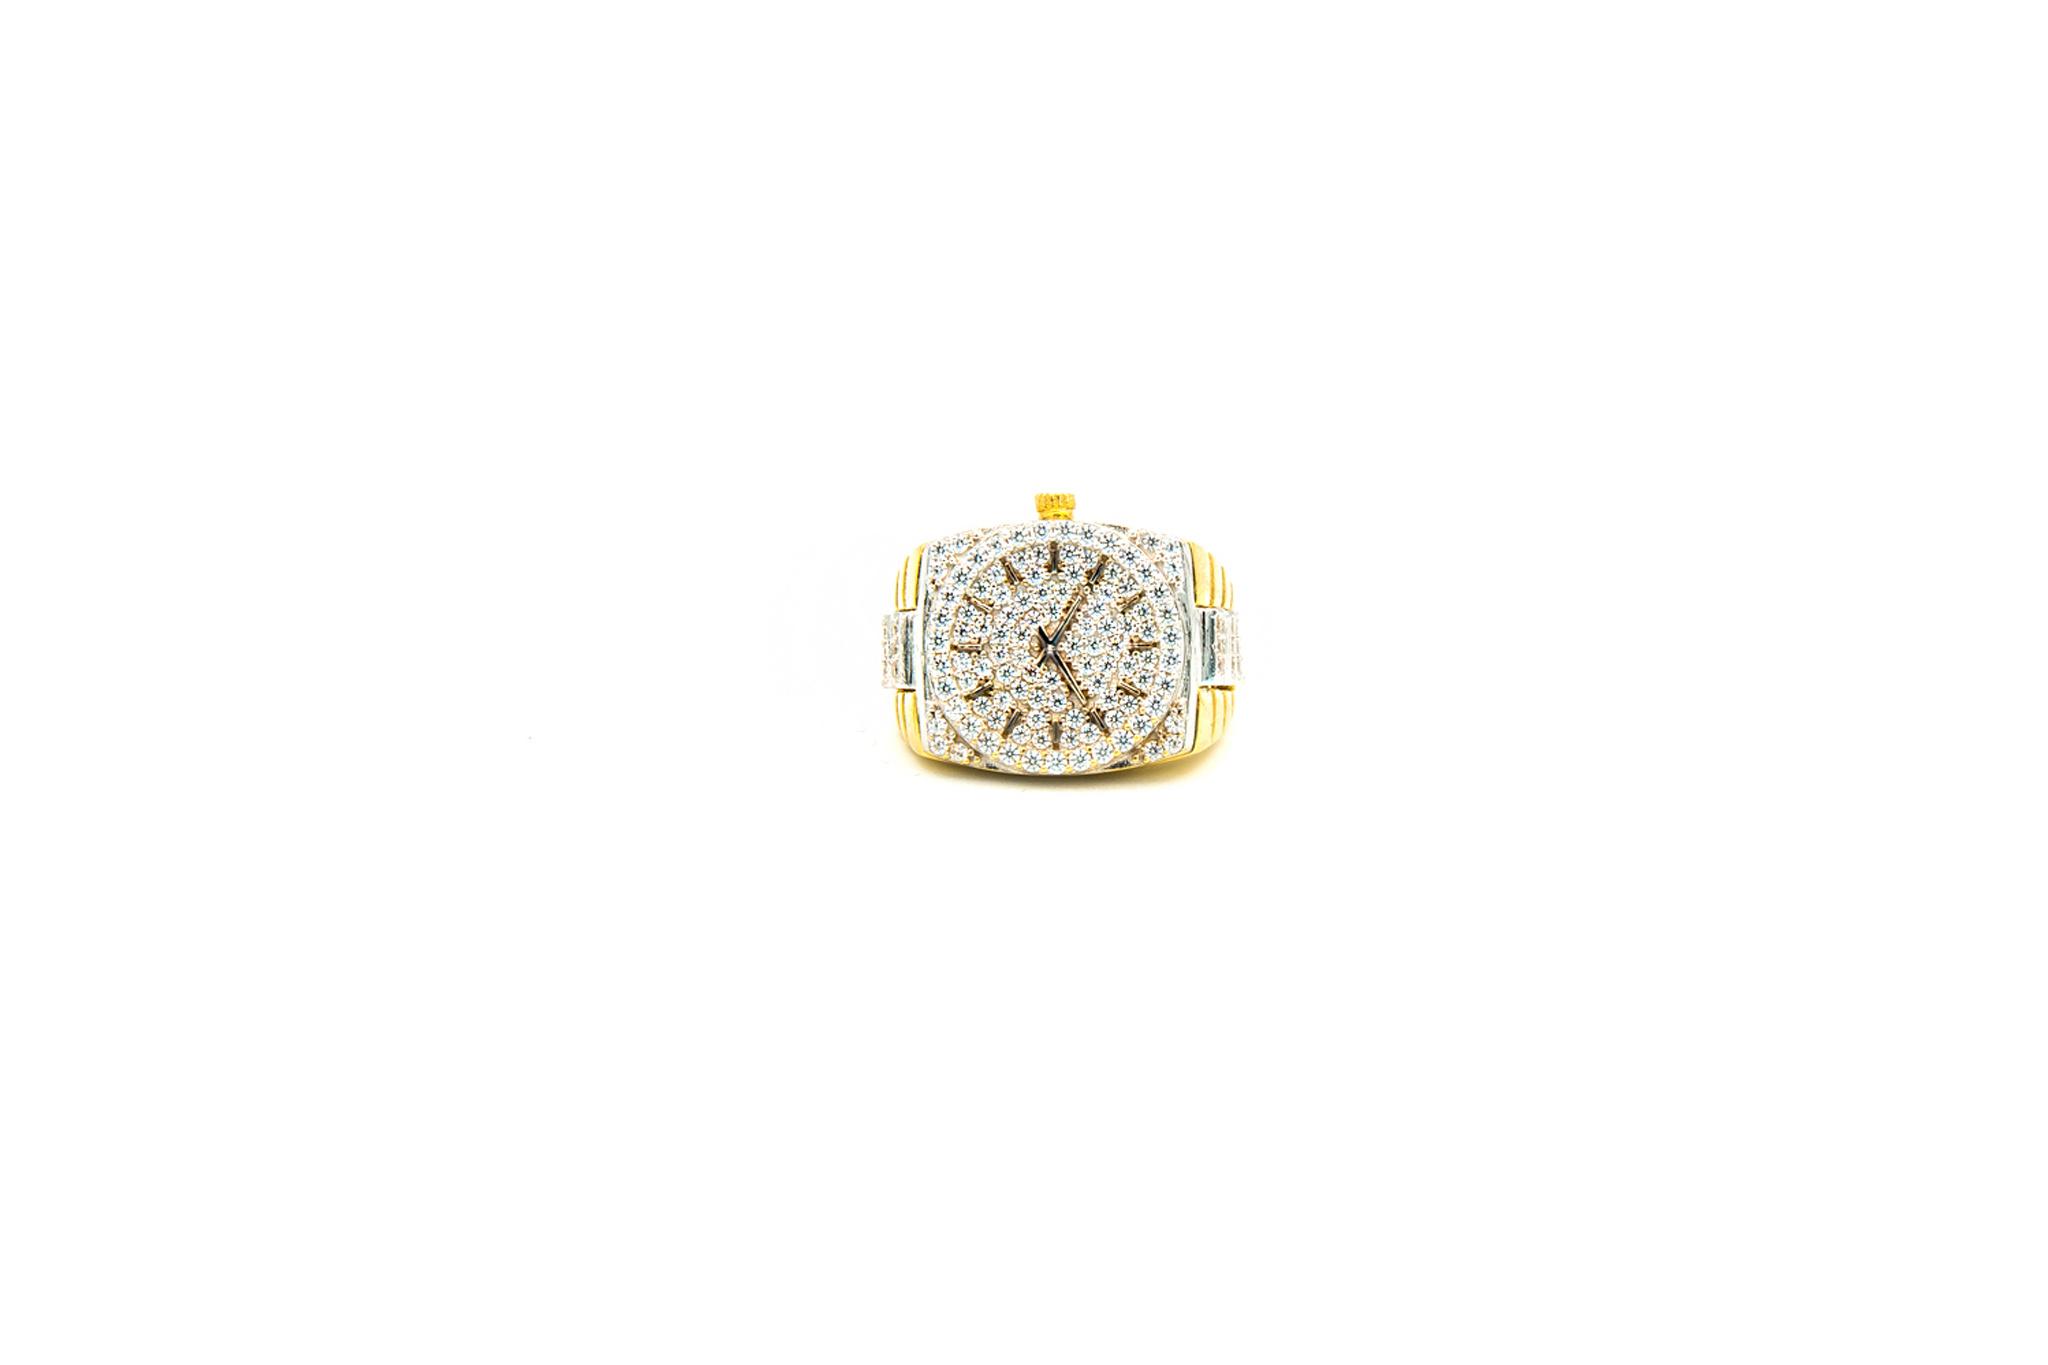 Ring horloge bezet met zirkonia's, bicolor-1